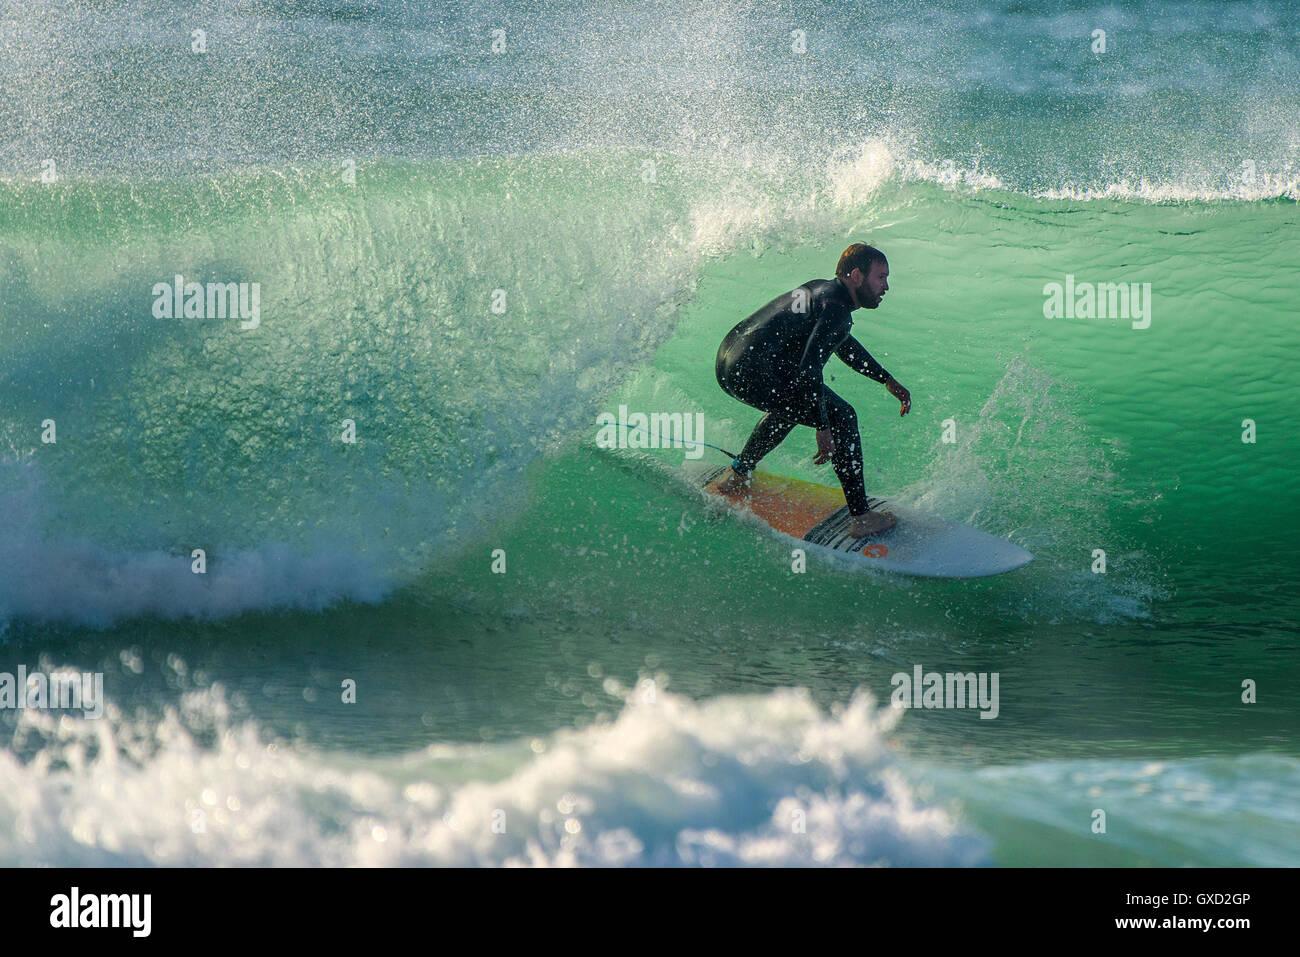 Un surfista in azione spettacolare a Fistral in Newquay, Cornwall. Regno Unito. Immagini Stock